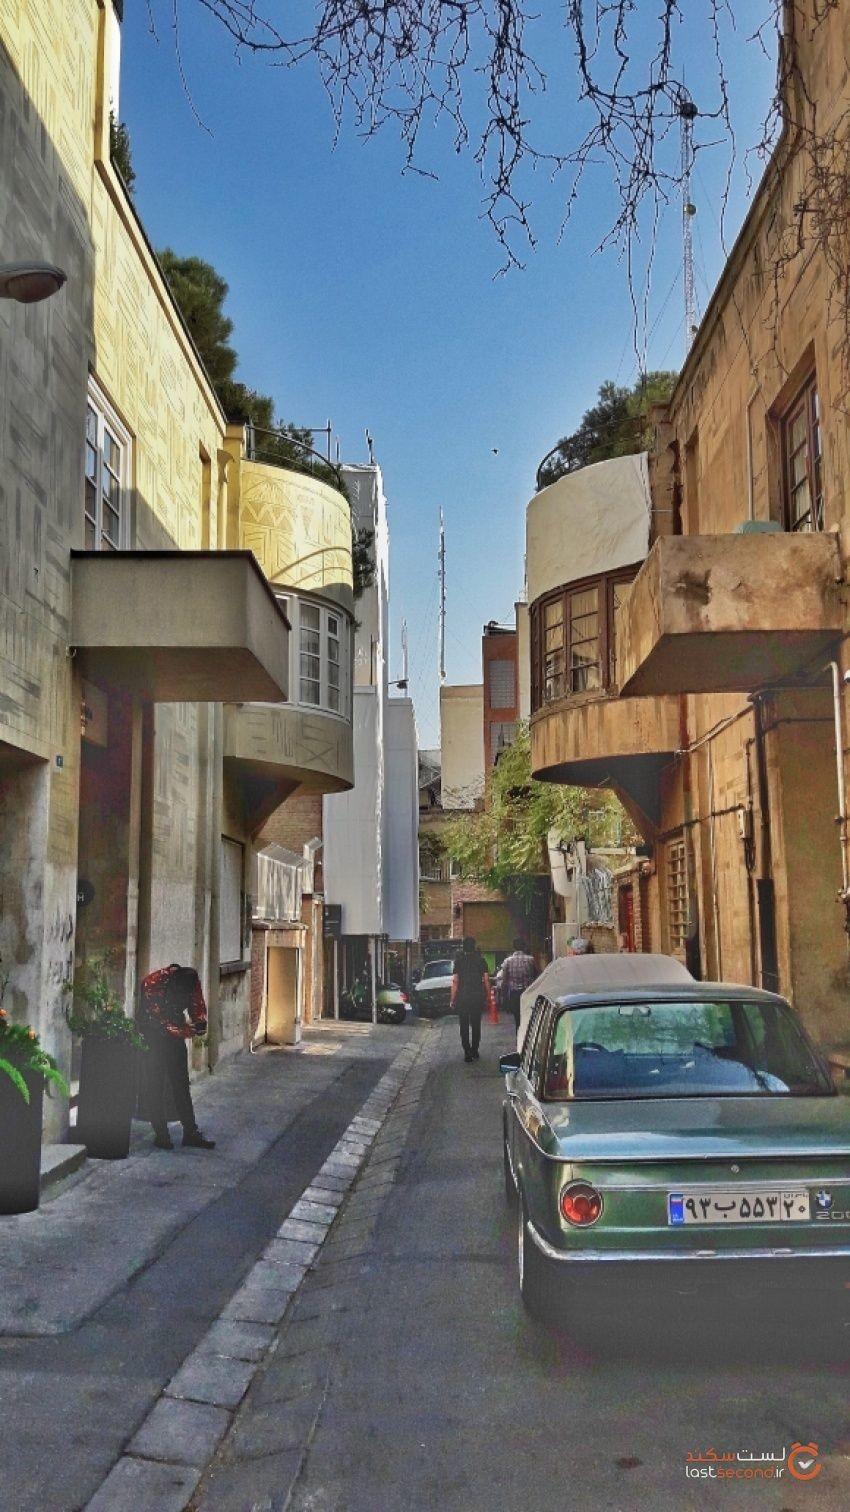 کوچه لولاگر تهران